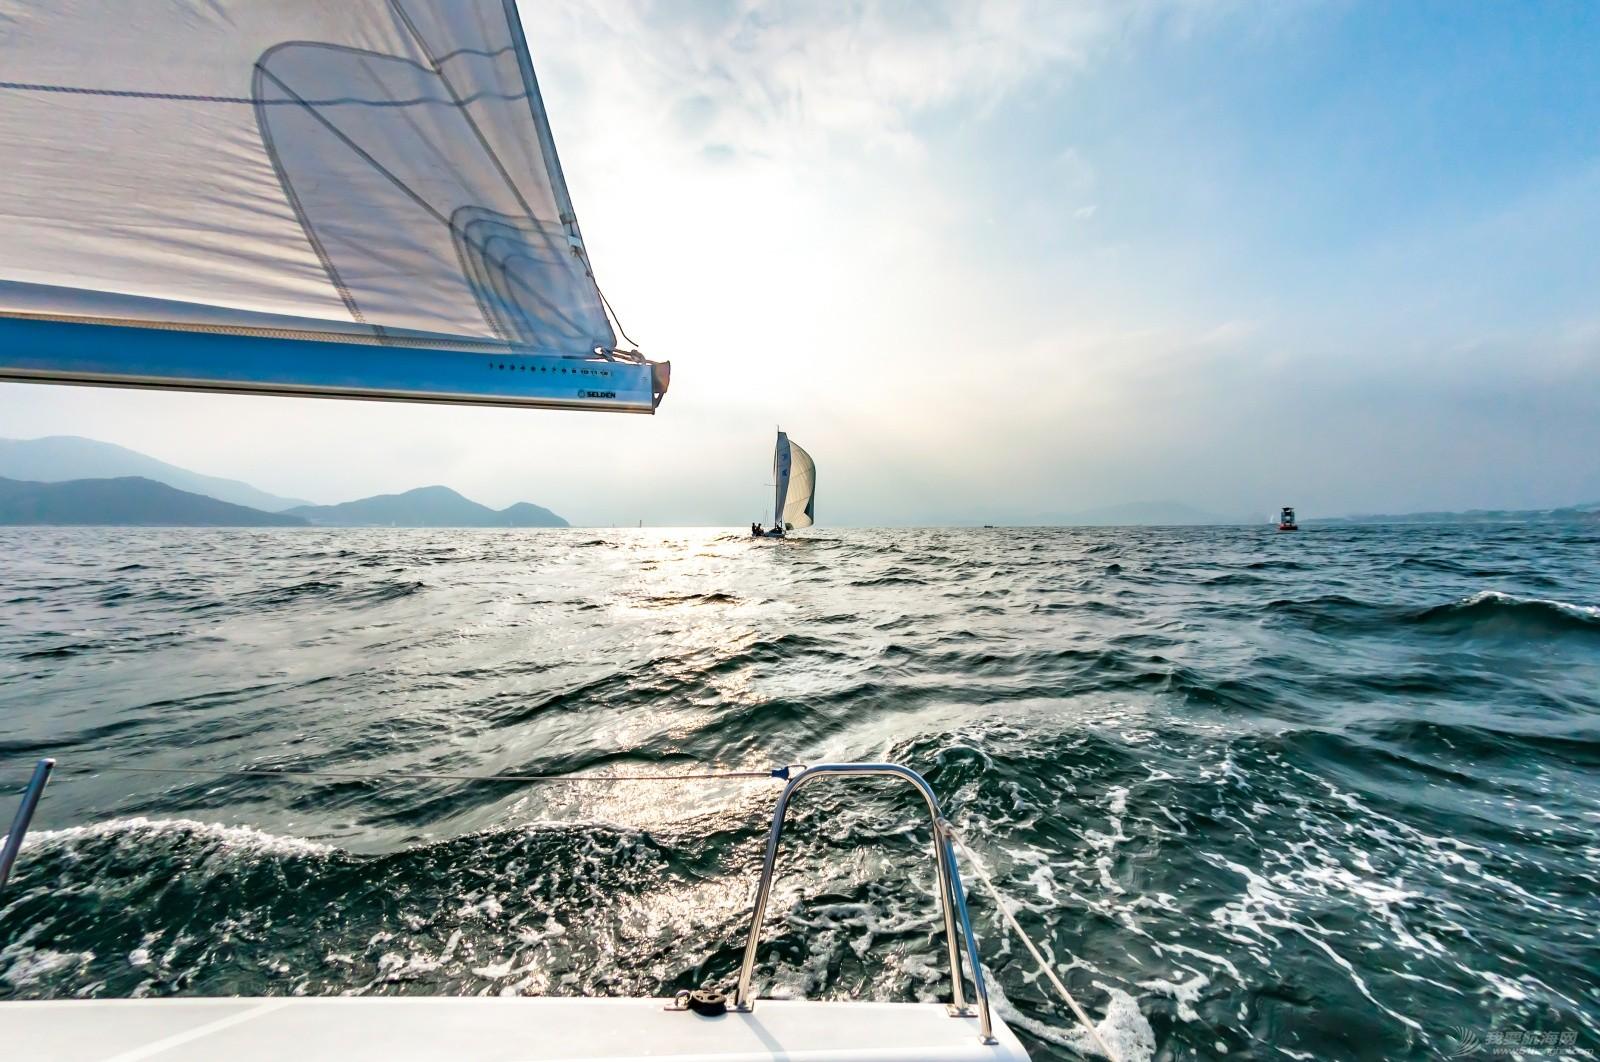 帆船 【2015大鹏杯帆船赛】鱼眼看航海 16026.jpg